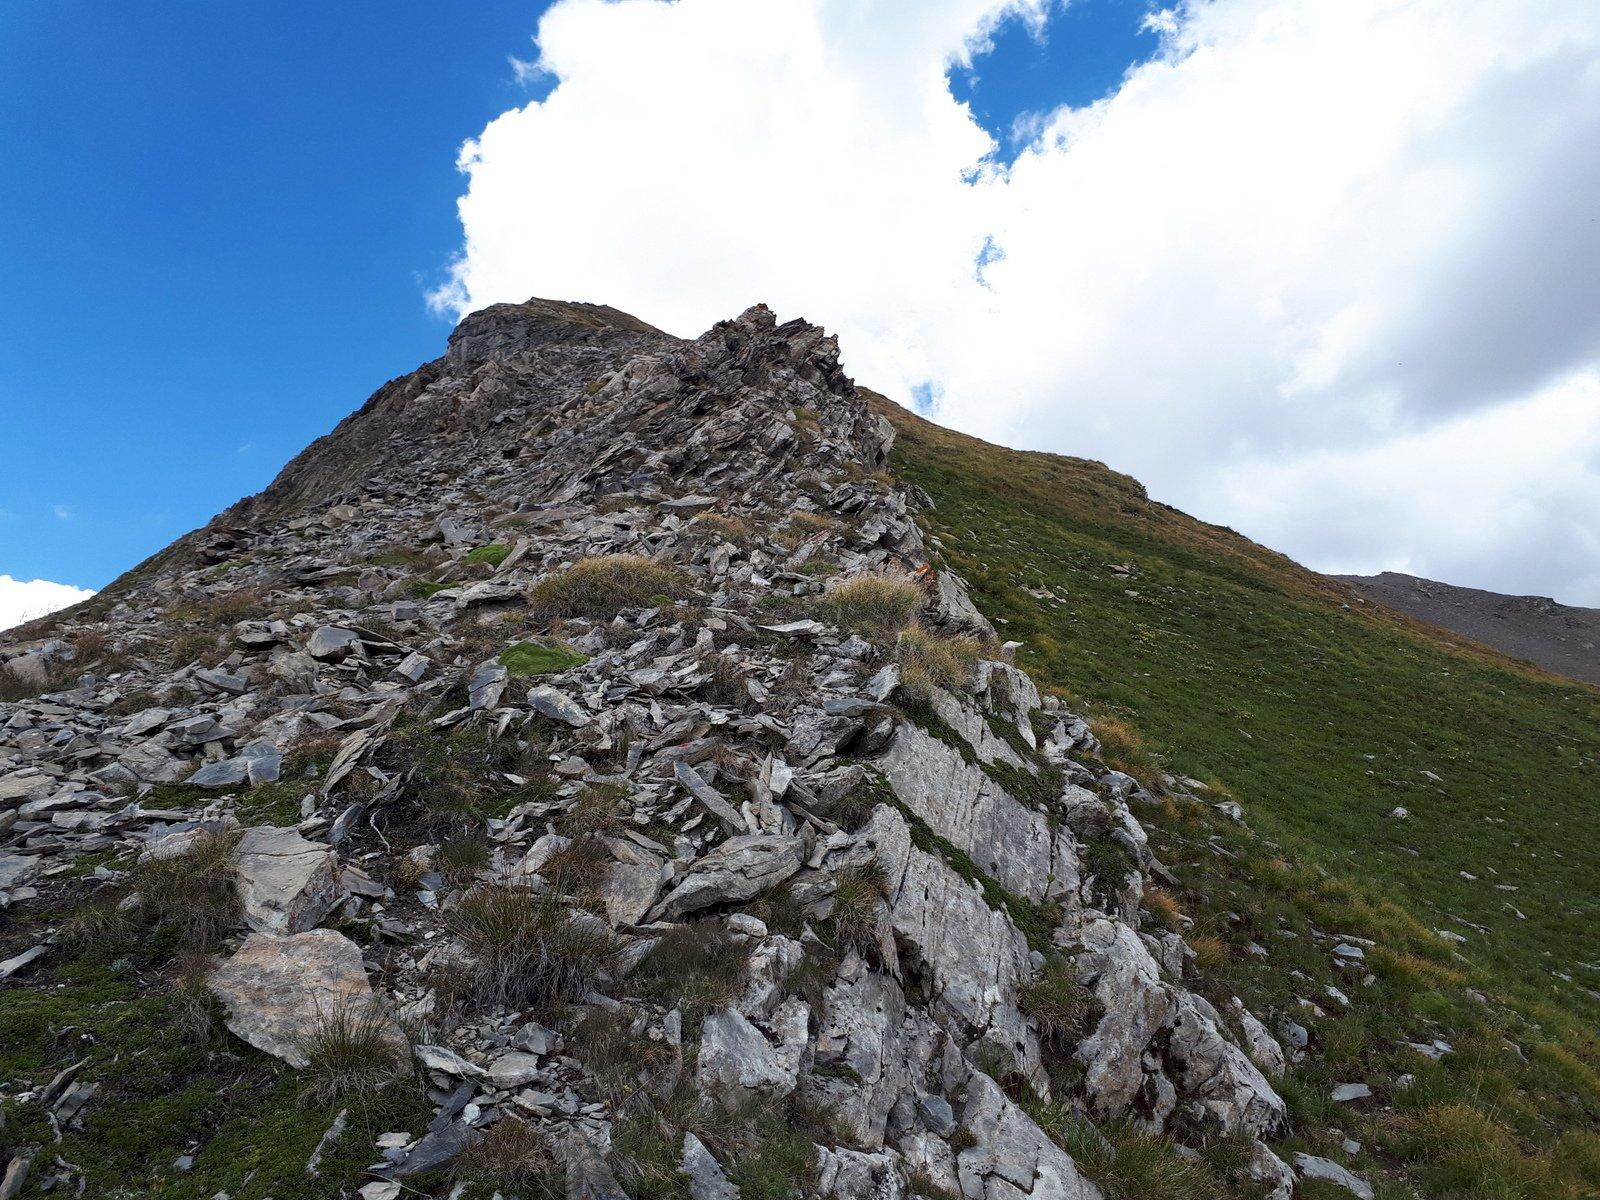 Un affioramento roccioso alla base della cresta